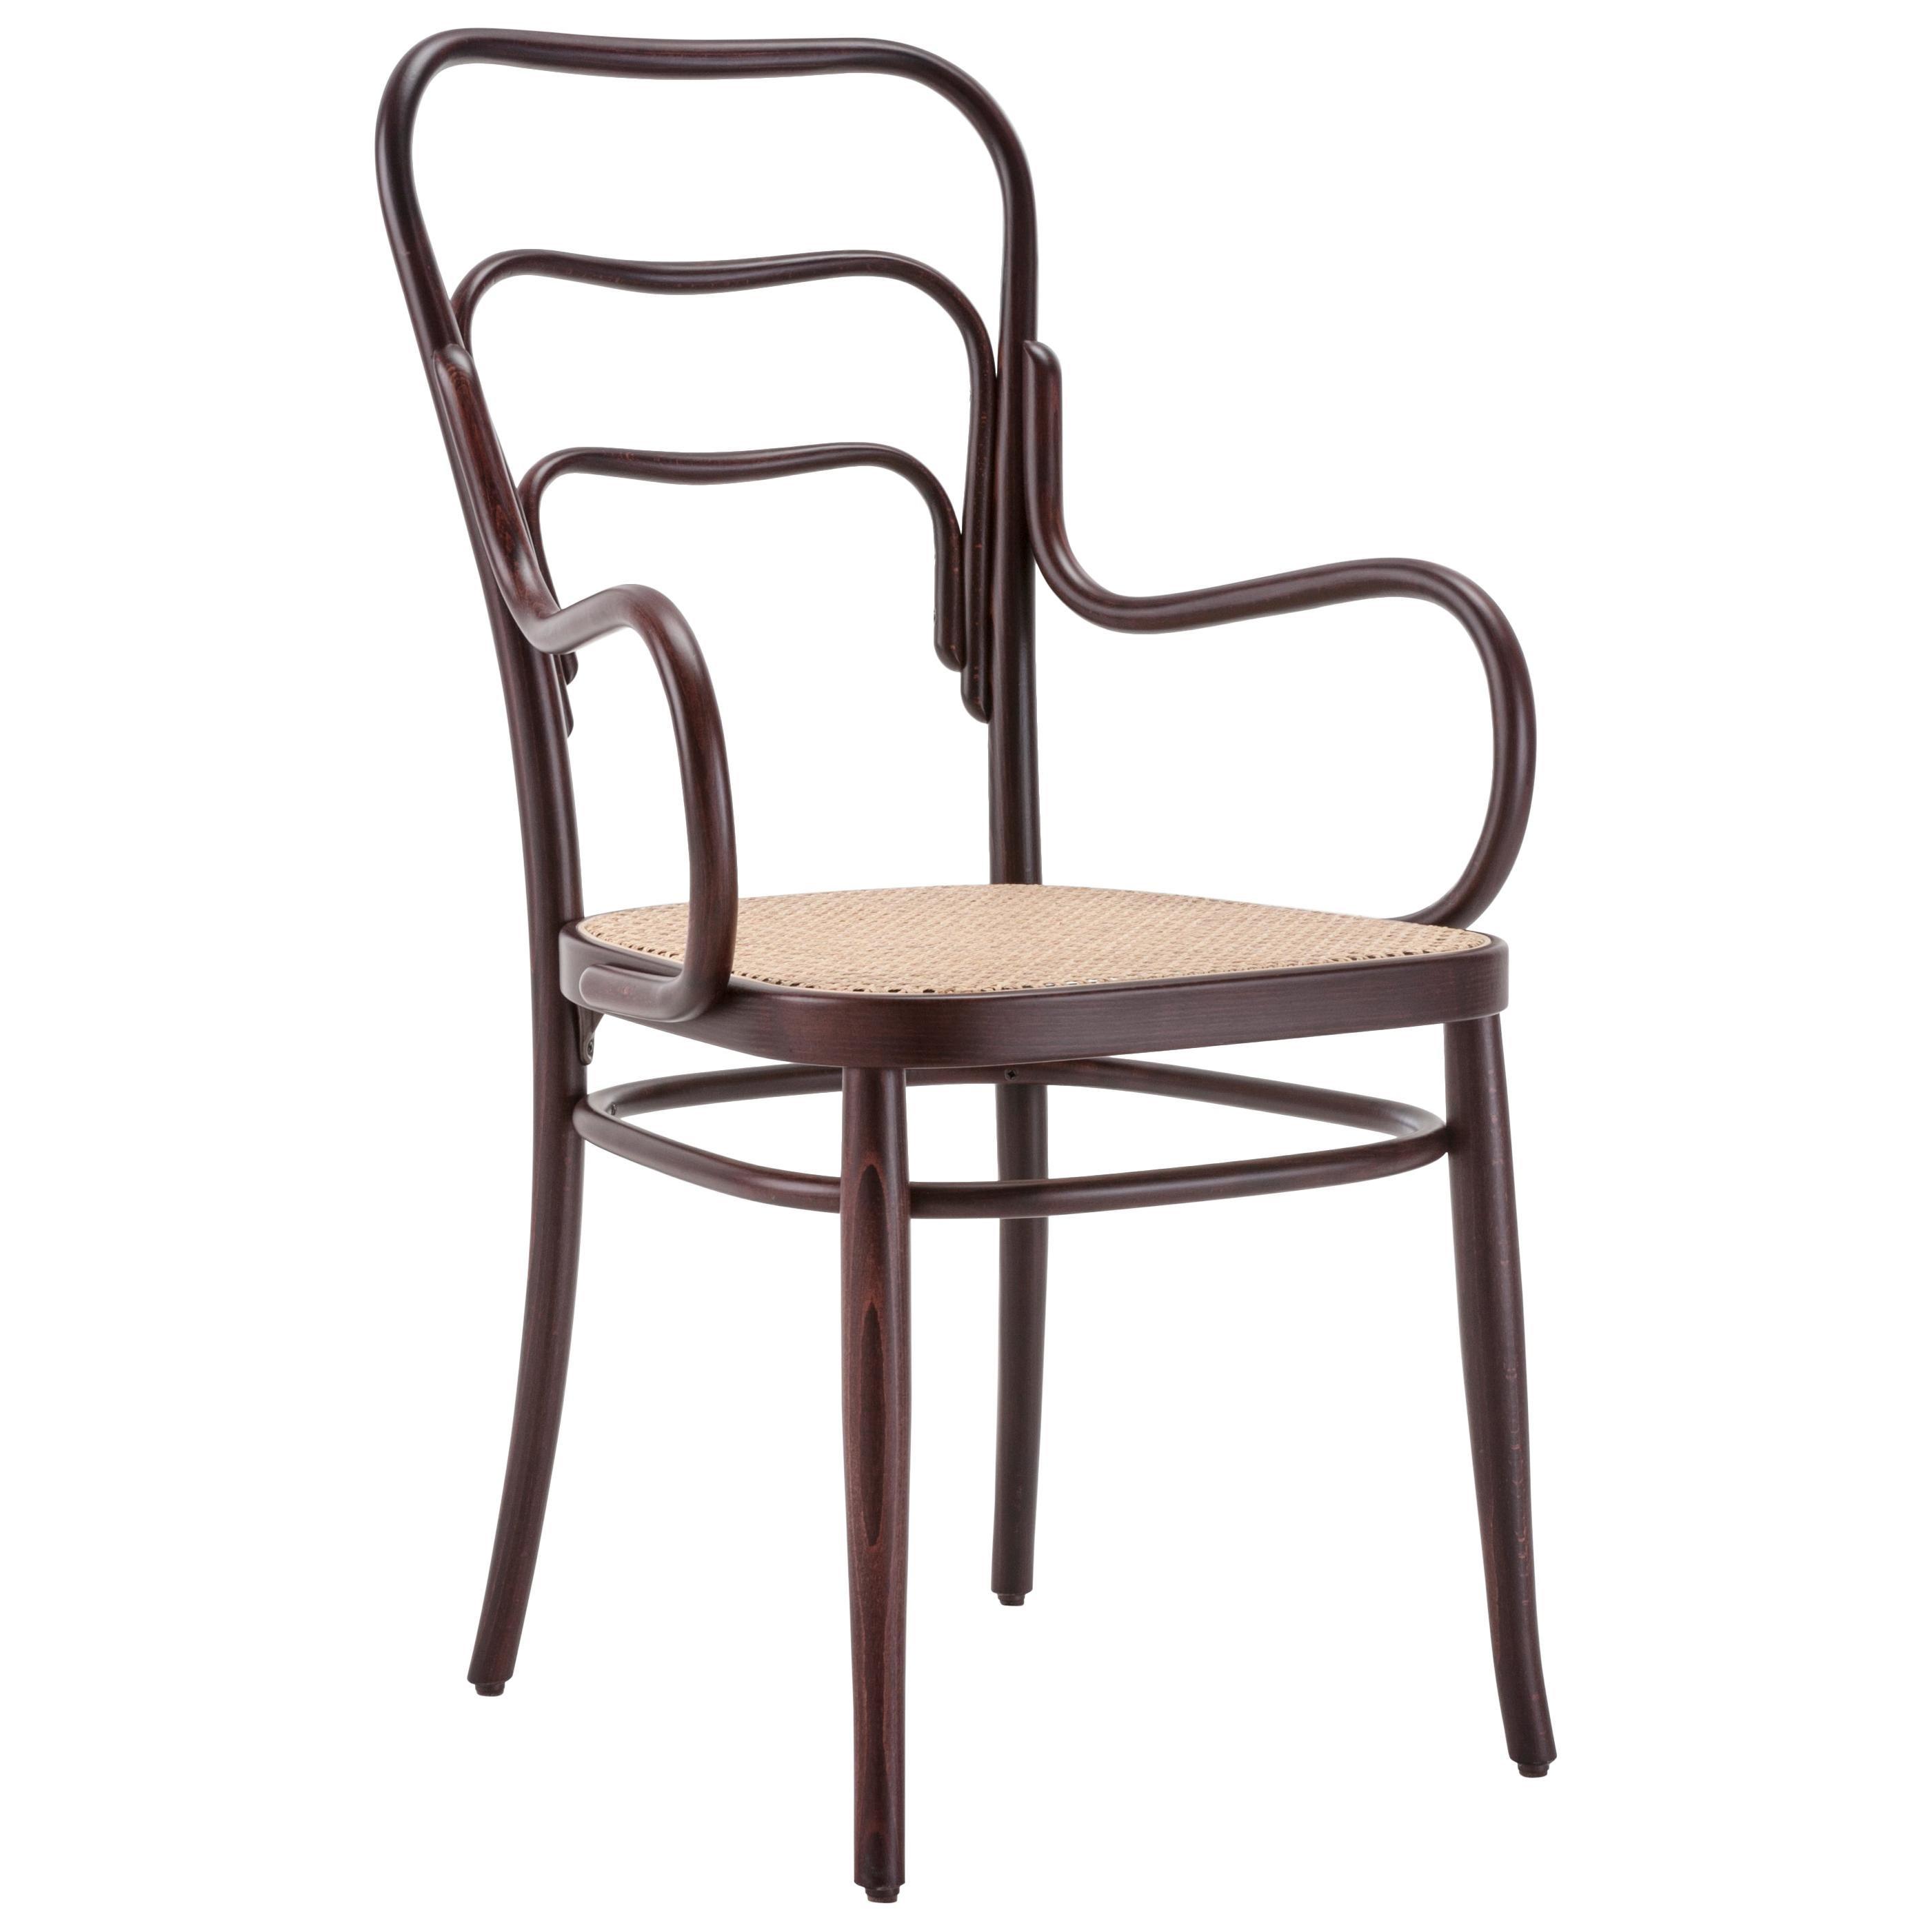 Gebrüder Thonet Vienna GmbH 144 Armchair in Walnut with Cane Seat